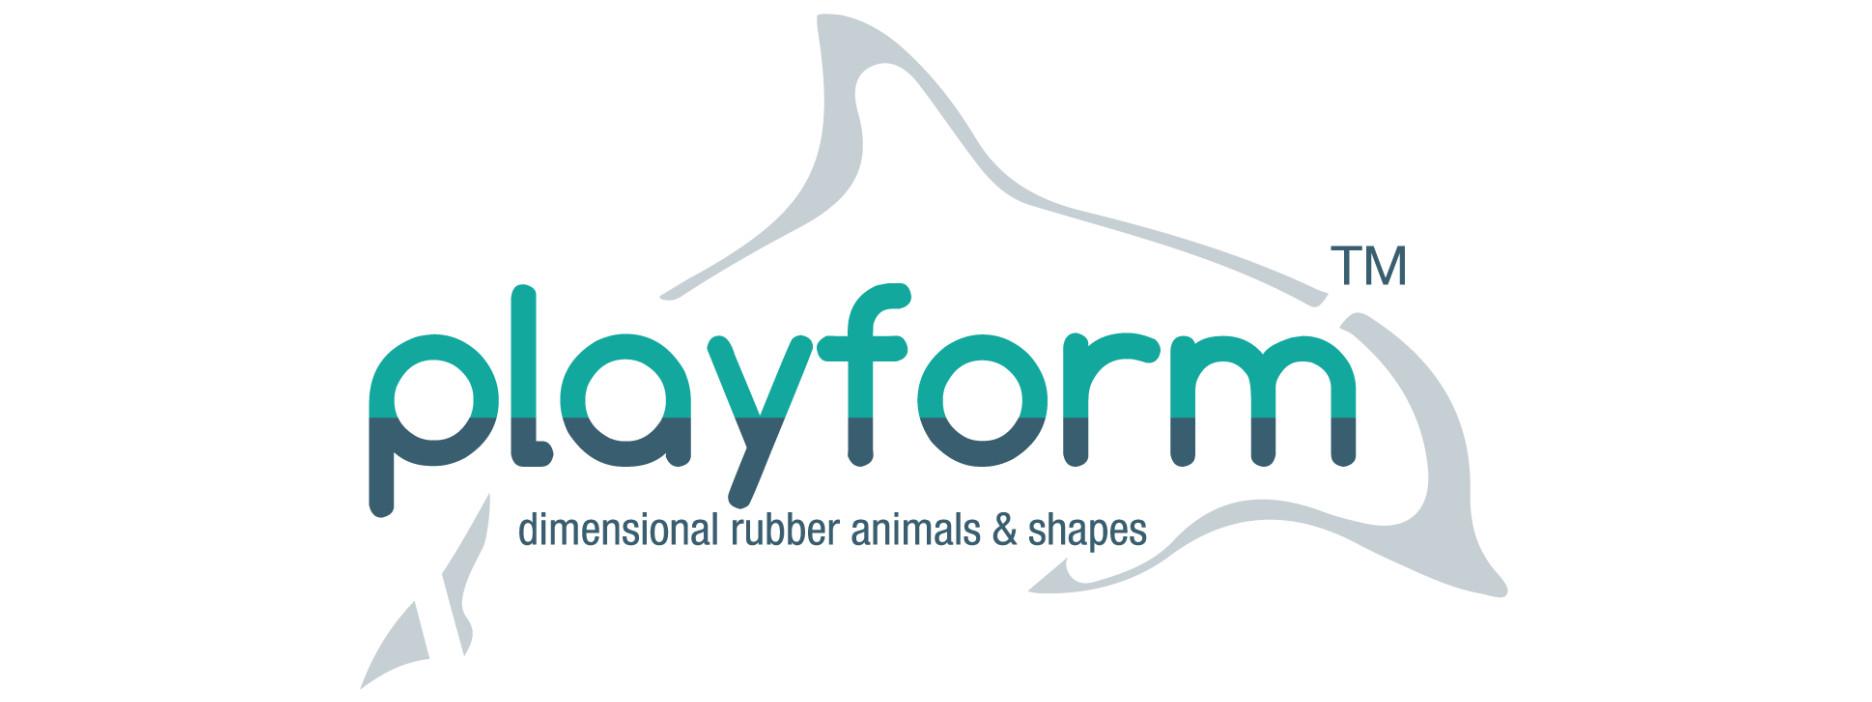 Playform